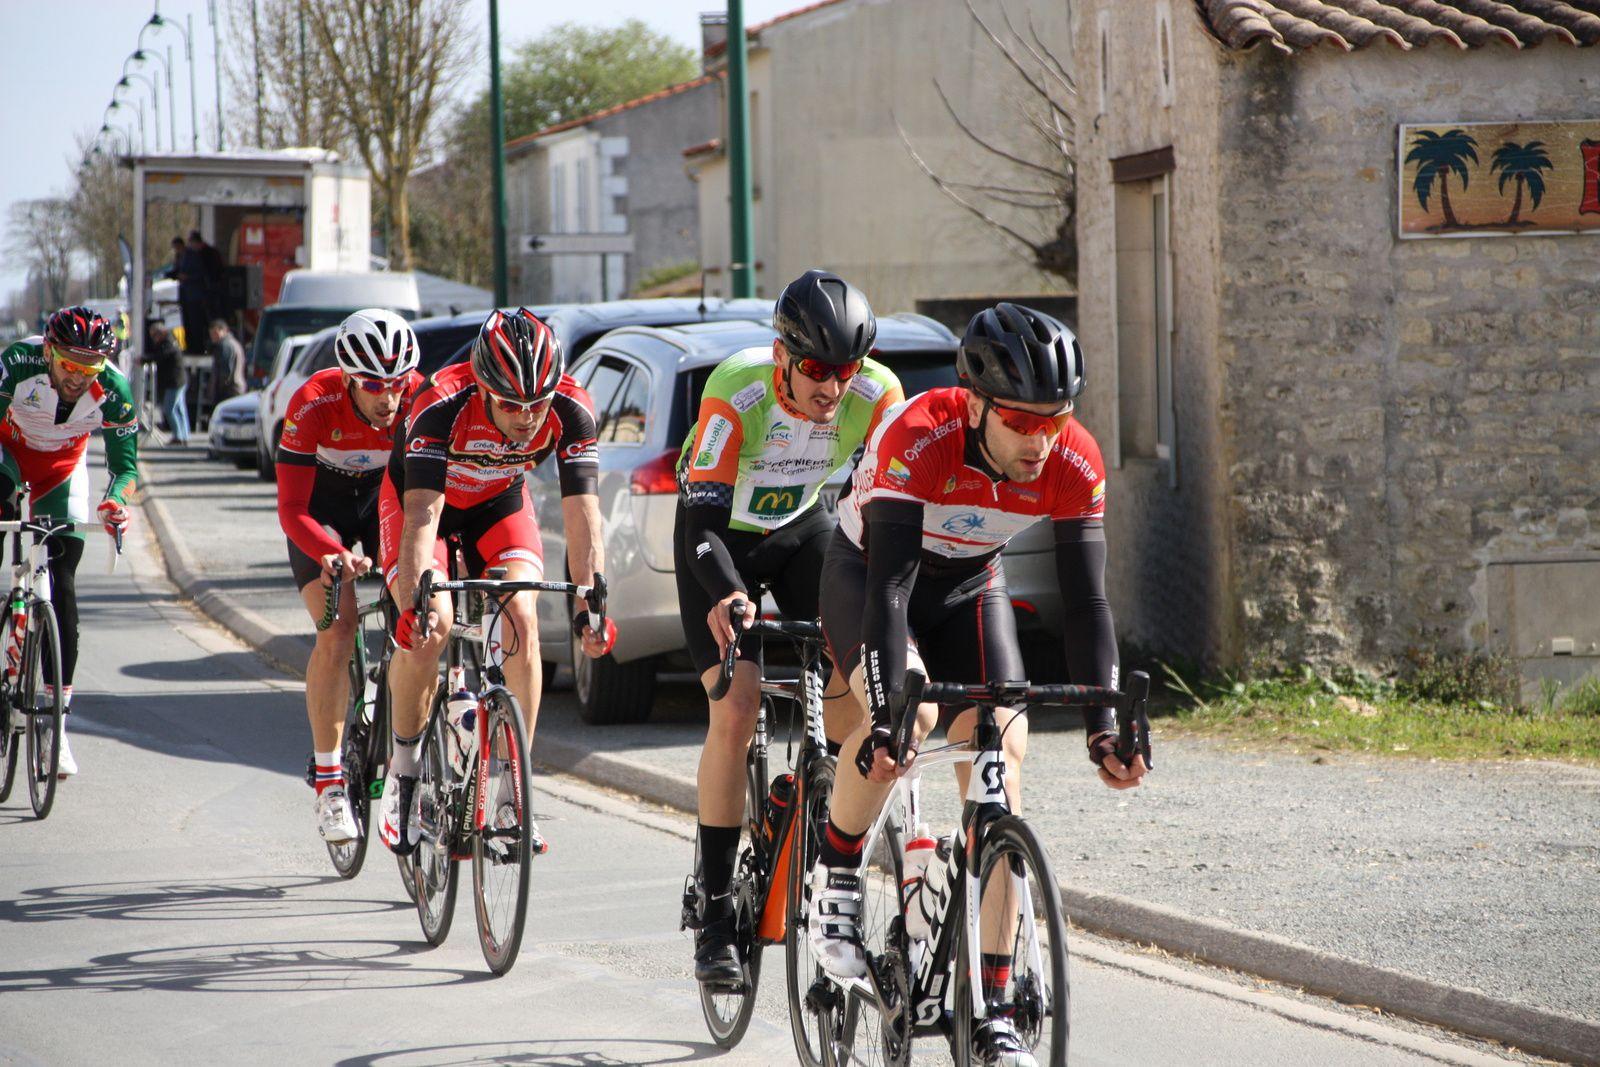 Ils sont  maintenant  5  en  tête avec  Nicolas LEBOEUF, Sébastien  POTIRON et  Lucas  PAPIN